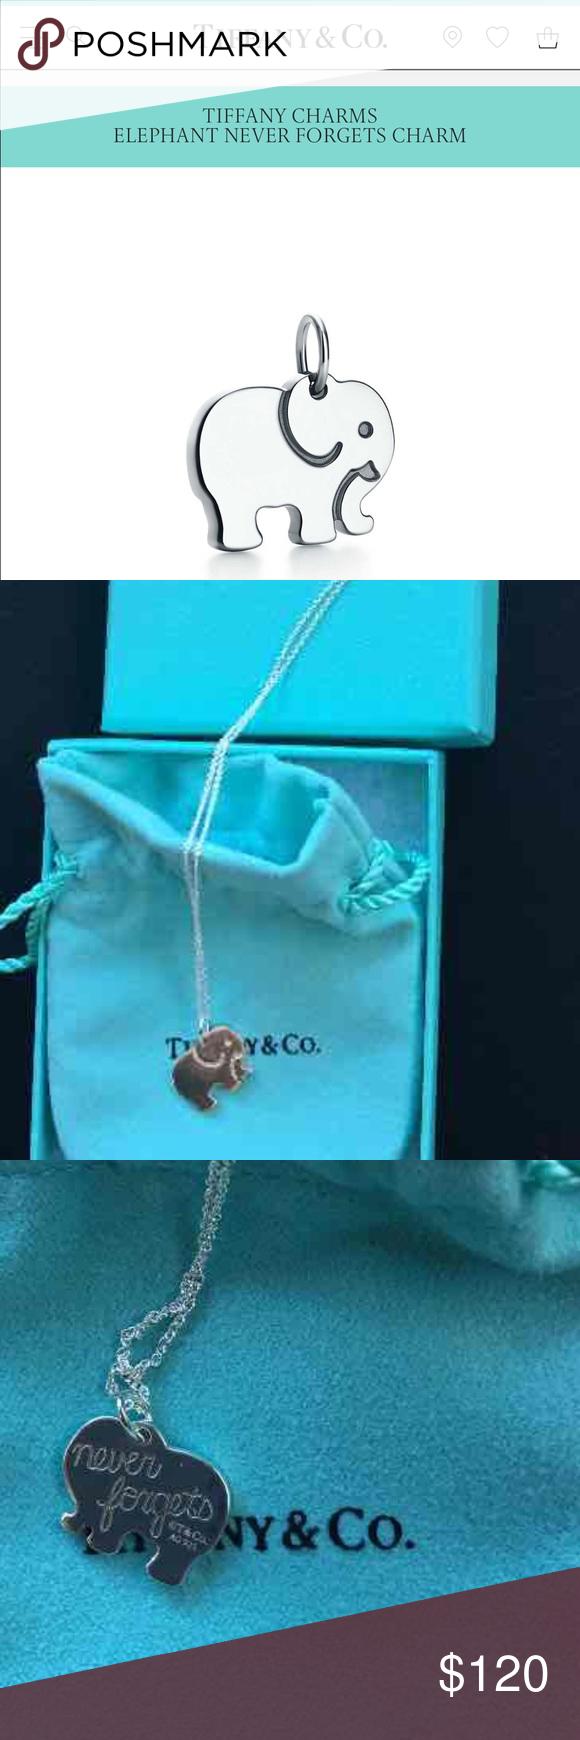 4f25b8eda445a Tiffany & Co. Elephant Never Forgets Charm 🐘 Beautiful BRAND NEW ...